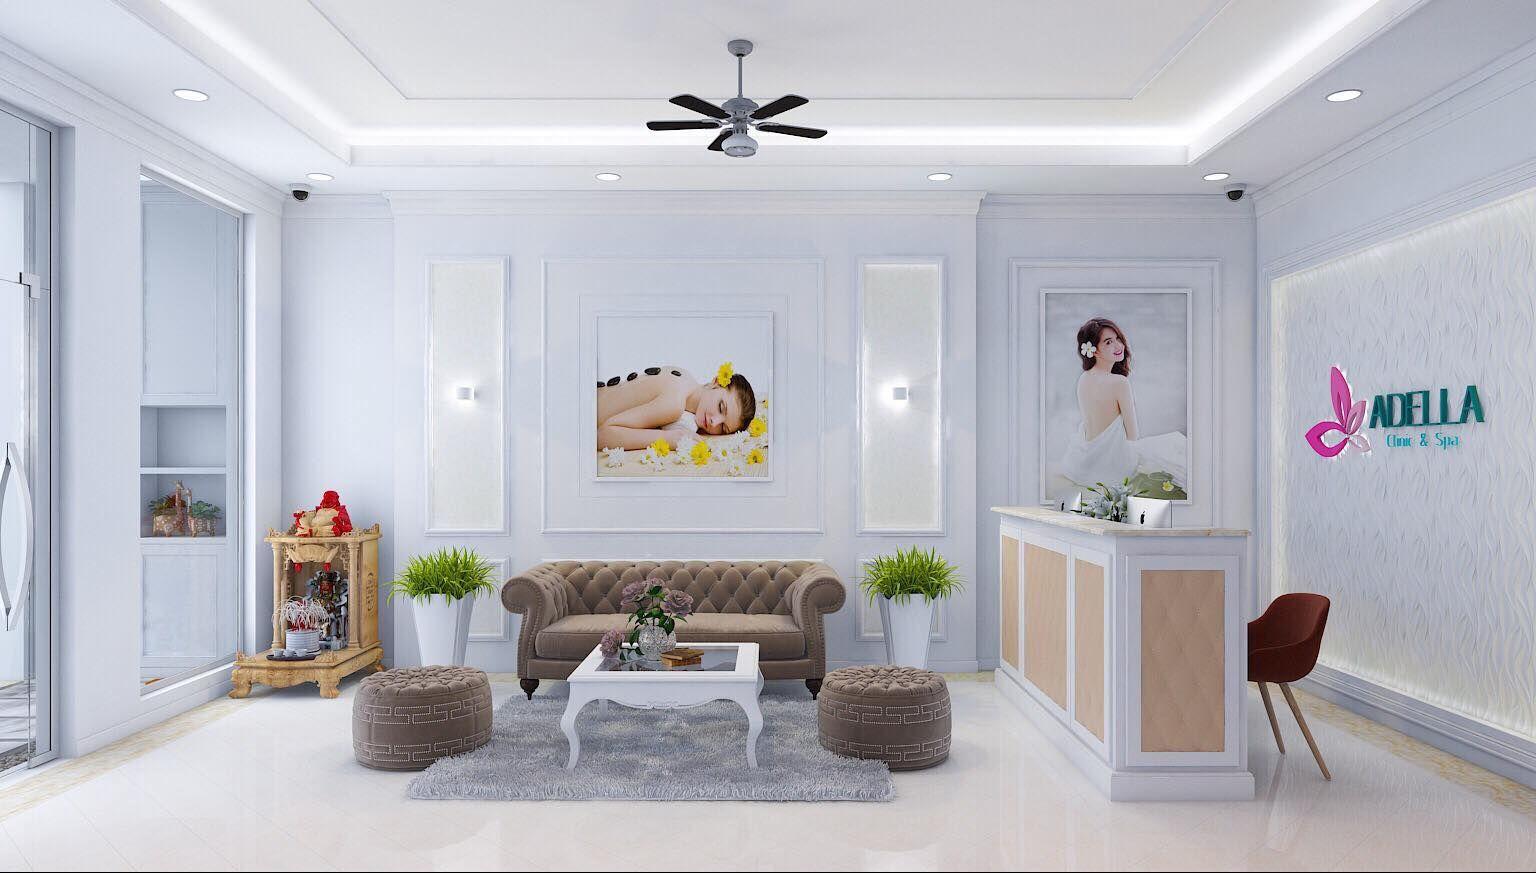 Adella Clinic & Spa